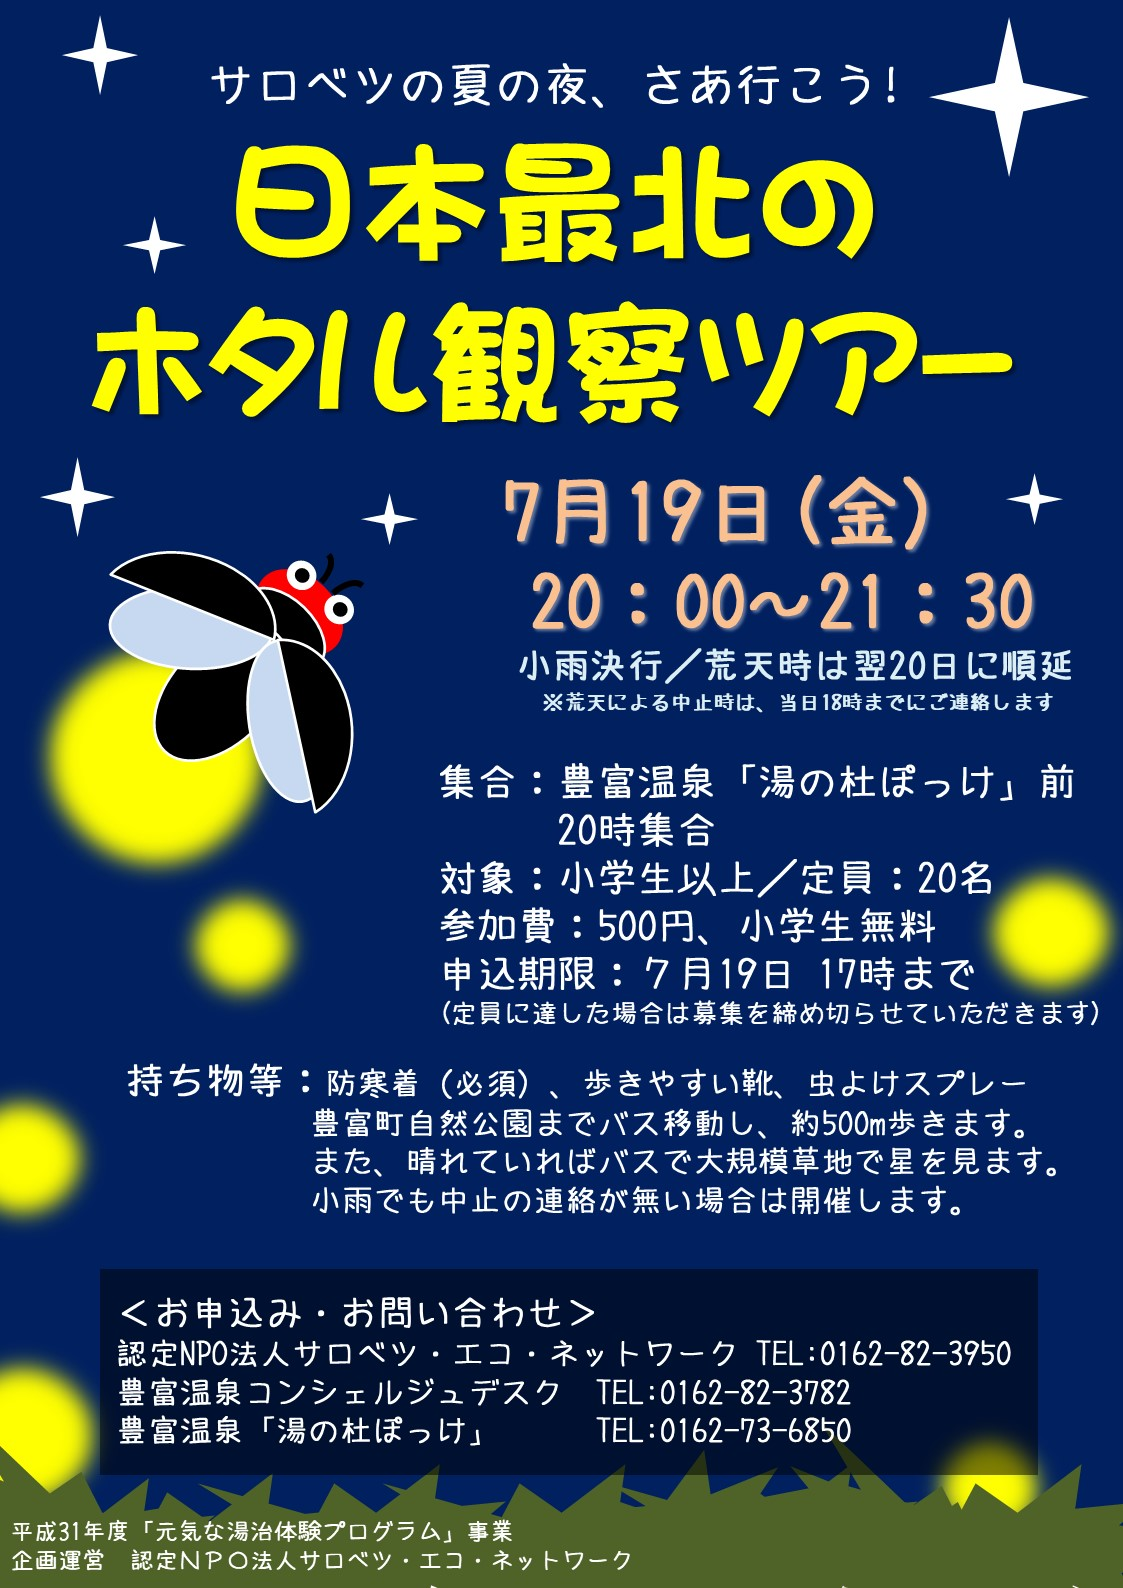 日本最北のホタル観察ツアー